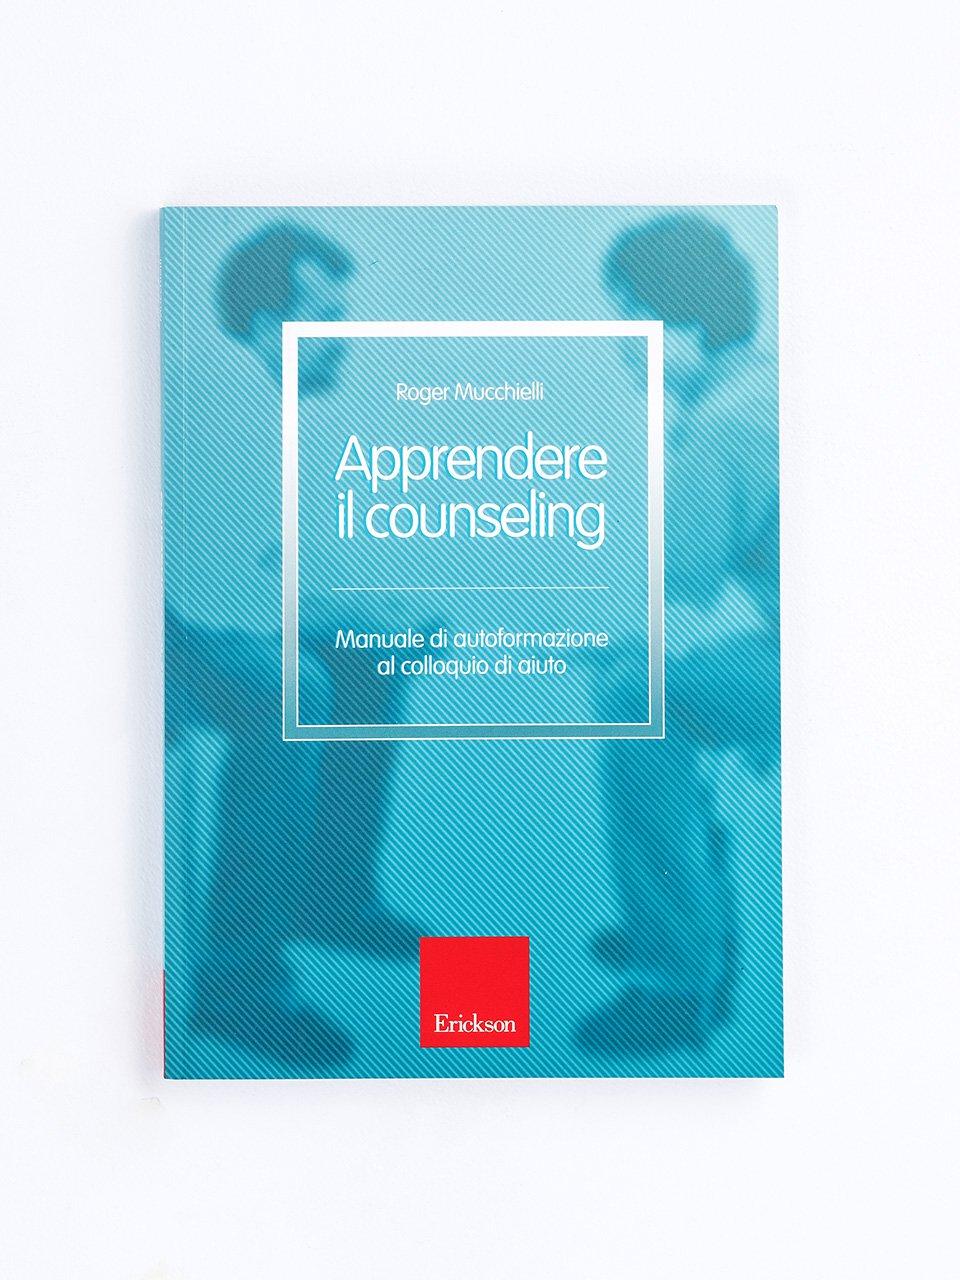 Apprendere il counseling - Attivare e facilitare i gruppi di auto/mutuo aiuto - Libri - Erickson